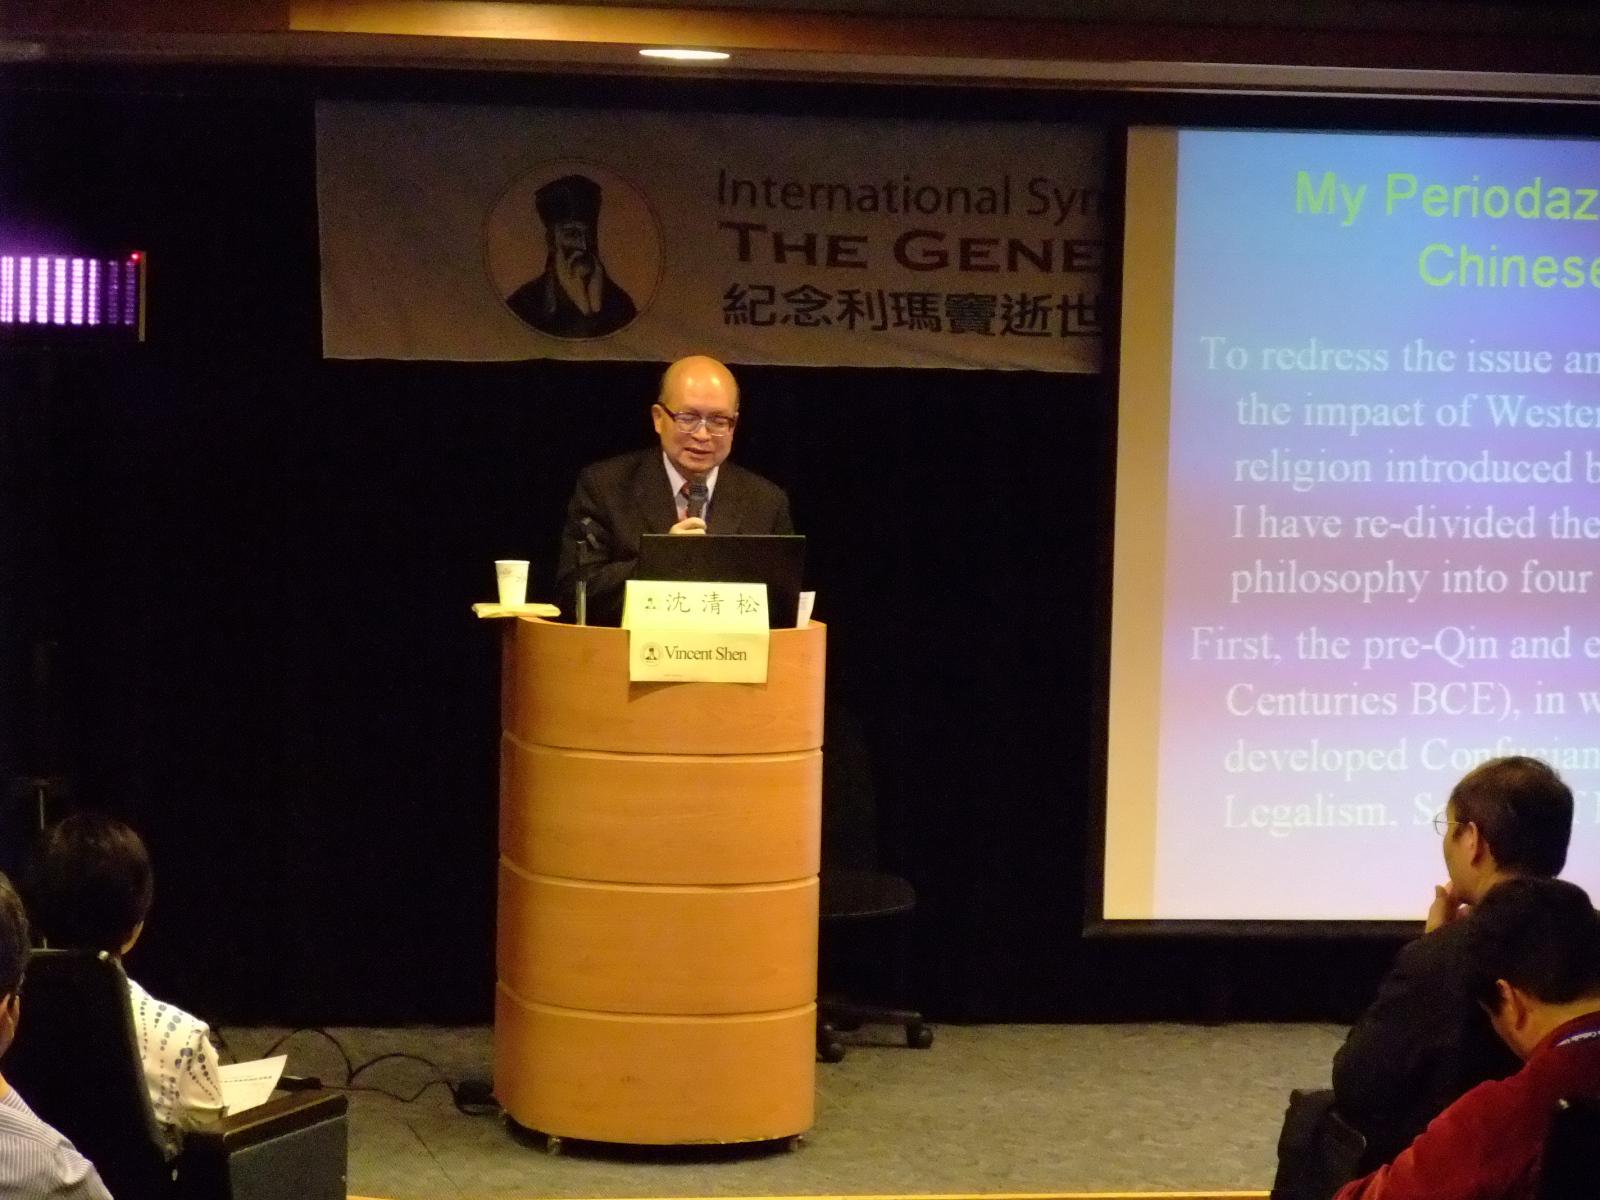 201004紀念利瑪竇逝世四百週年國際學術研討會-7